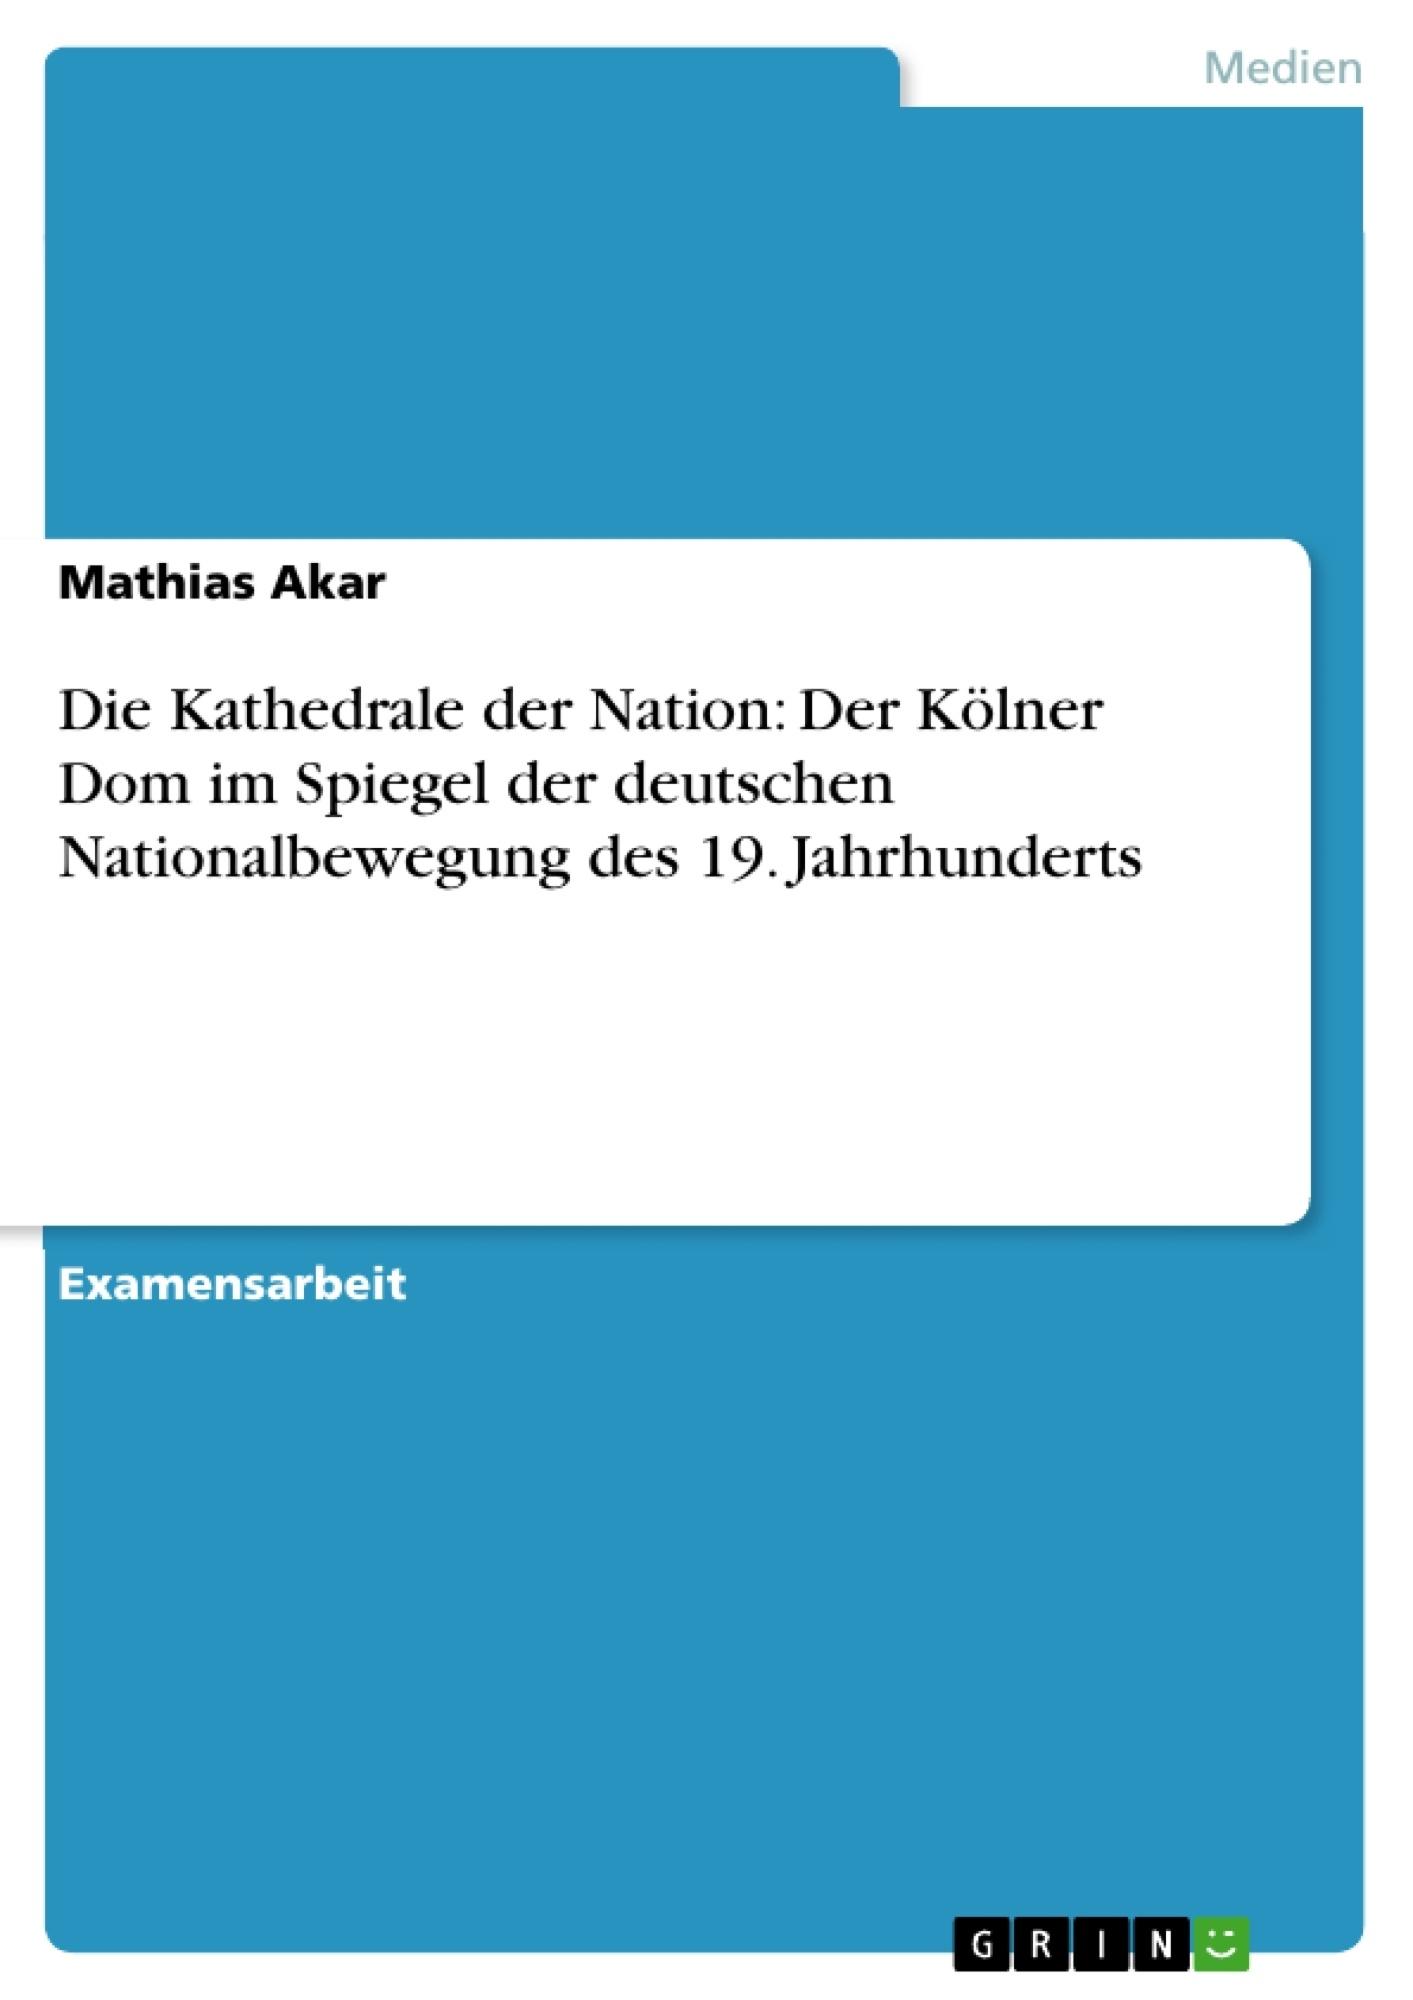 Titel: Die Kathedrale der Nation: Der Kölner Dom im Spiegel der deutschen Nationalbewegung des 19. Jahrhunderts